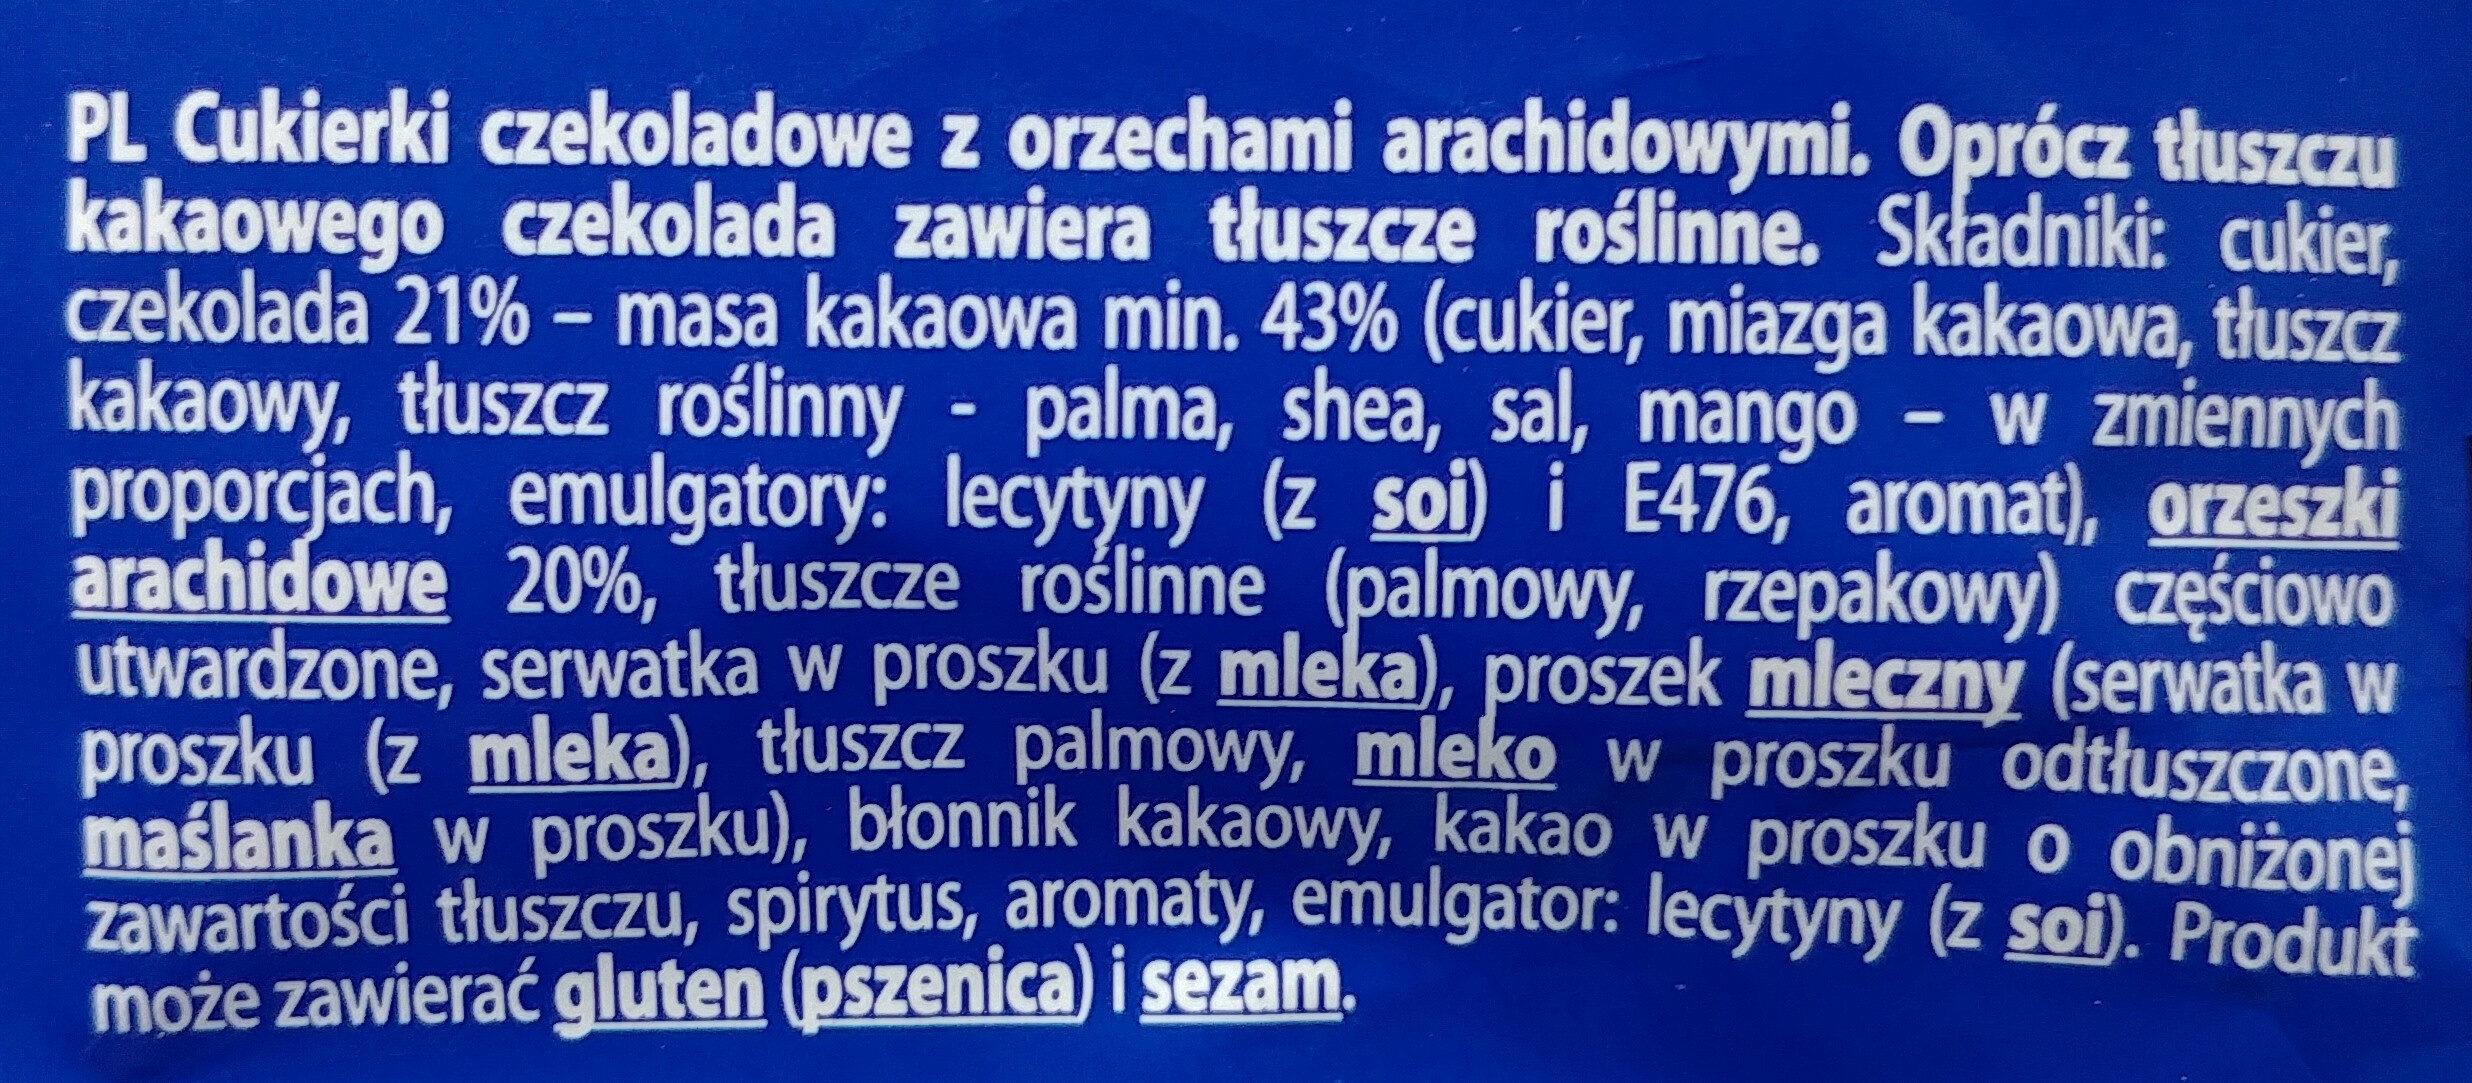 Cukierki czekoladowe z orzechami arachidowymi - Składniki - pl